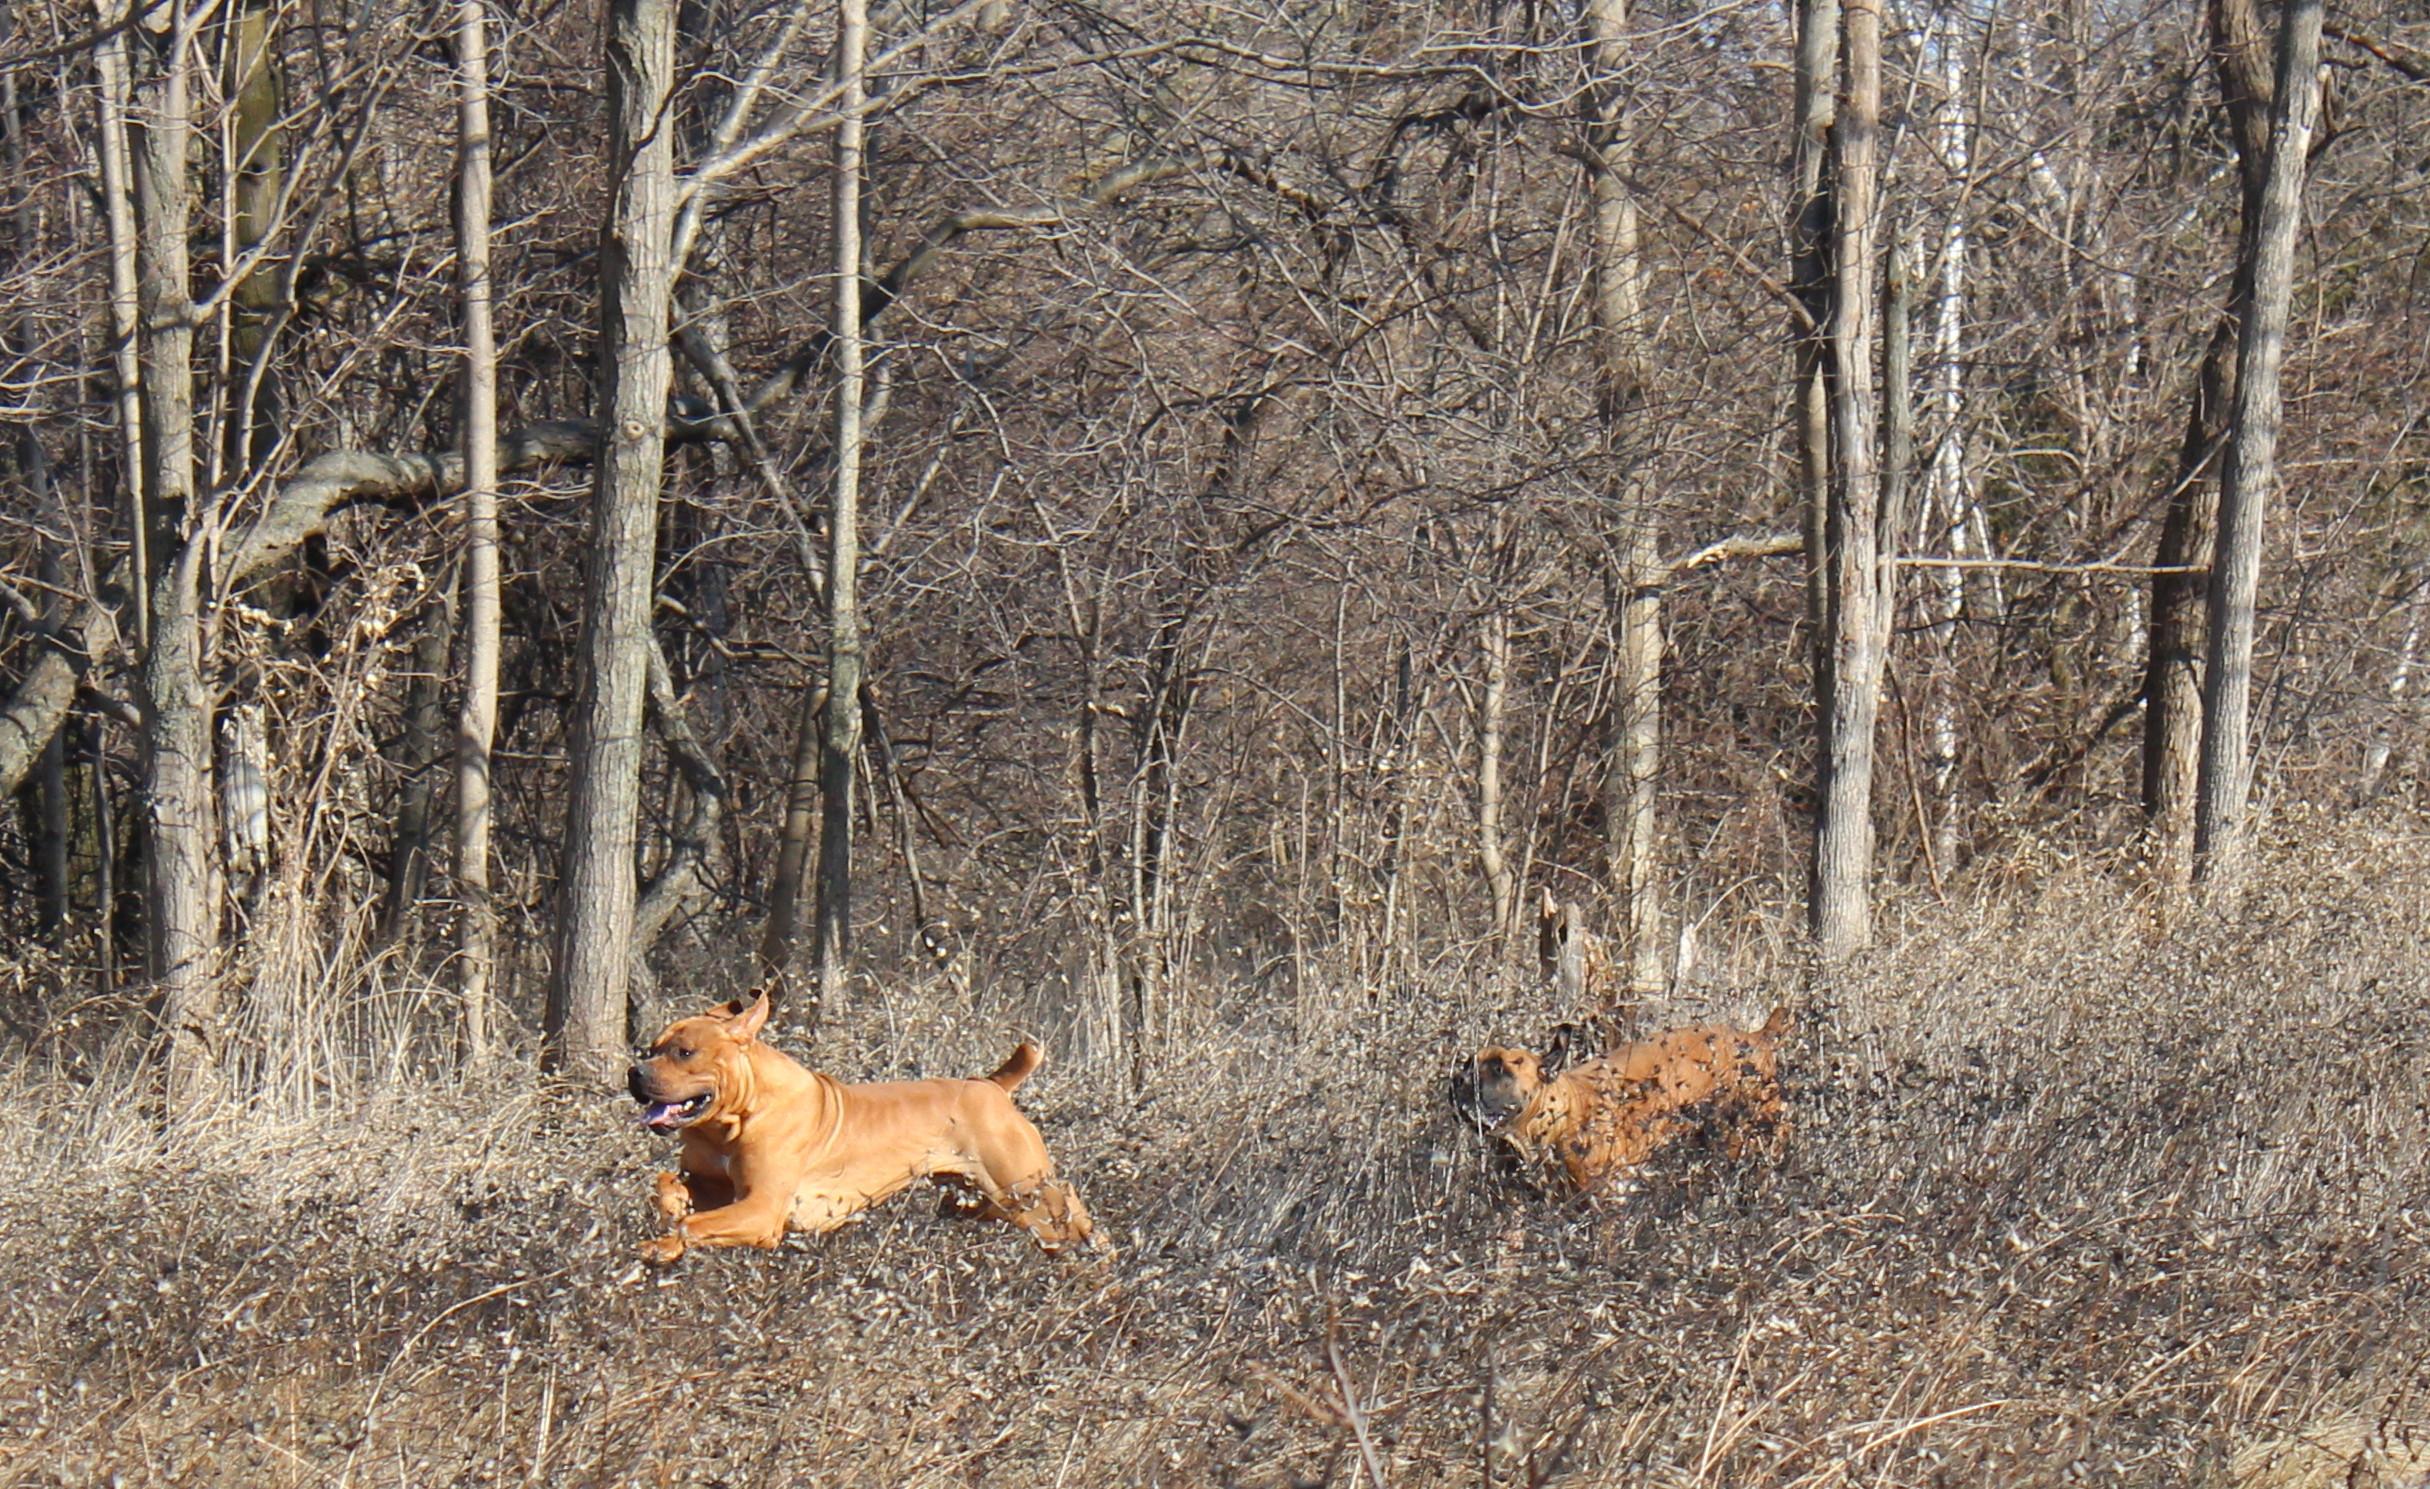 Nyah chasing Luca